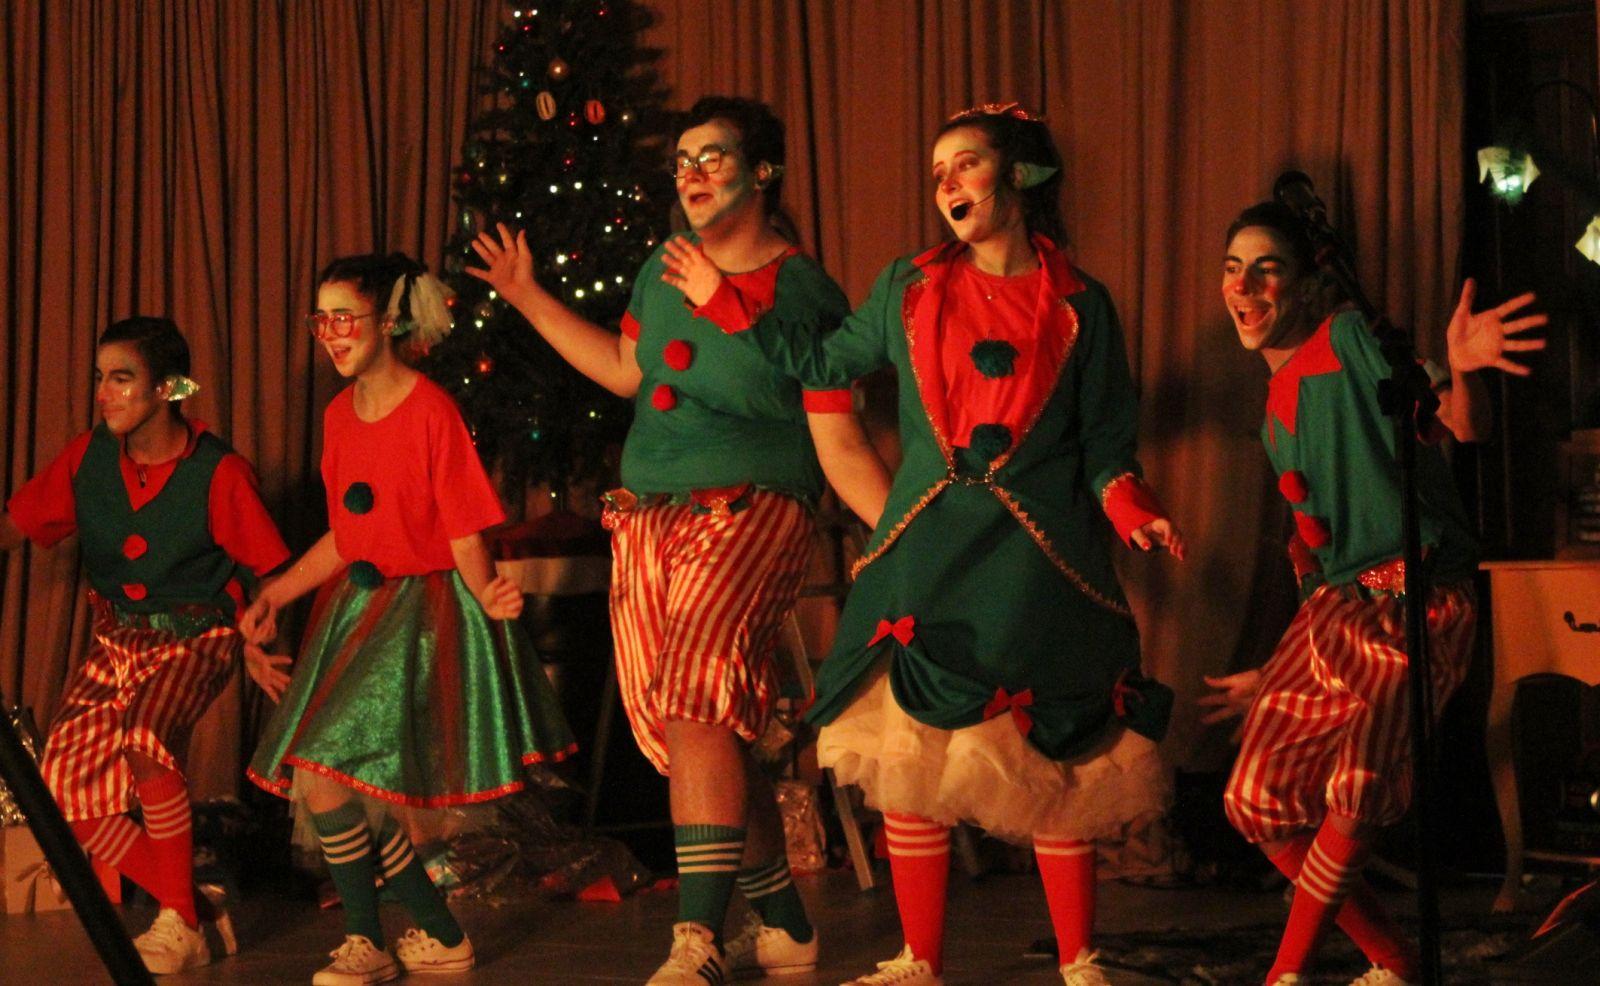 Alunos da escola no Musical Sonho de Natal, apresentado pela Cia. Foto: Ana Paula Nesi